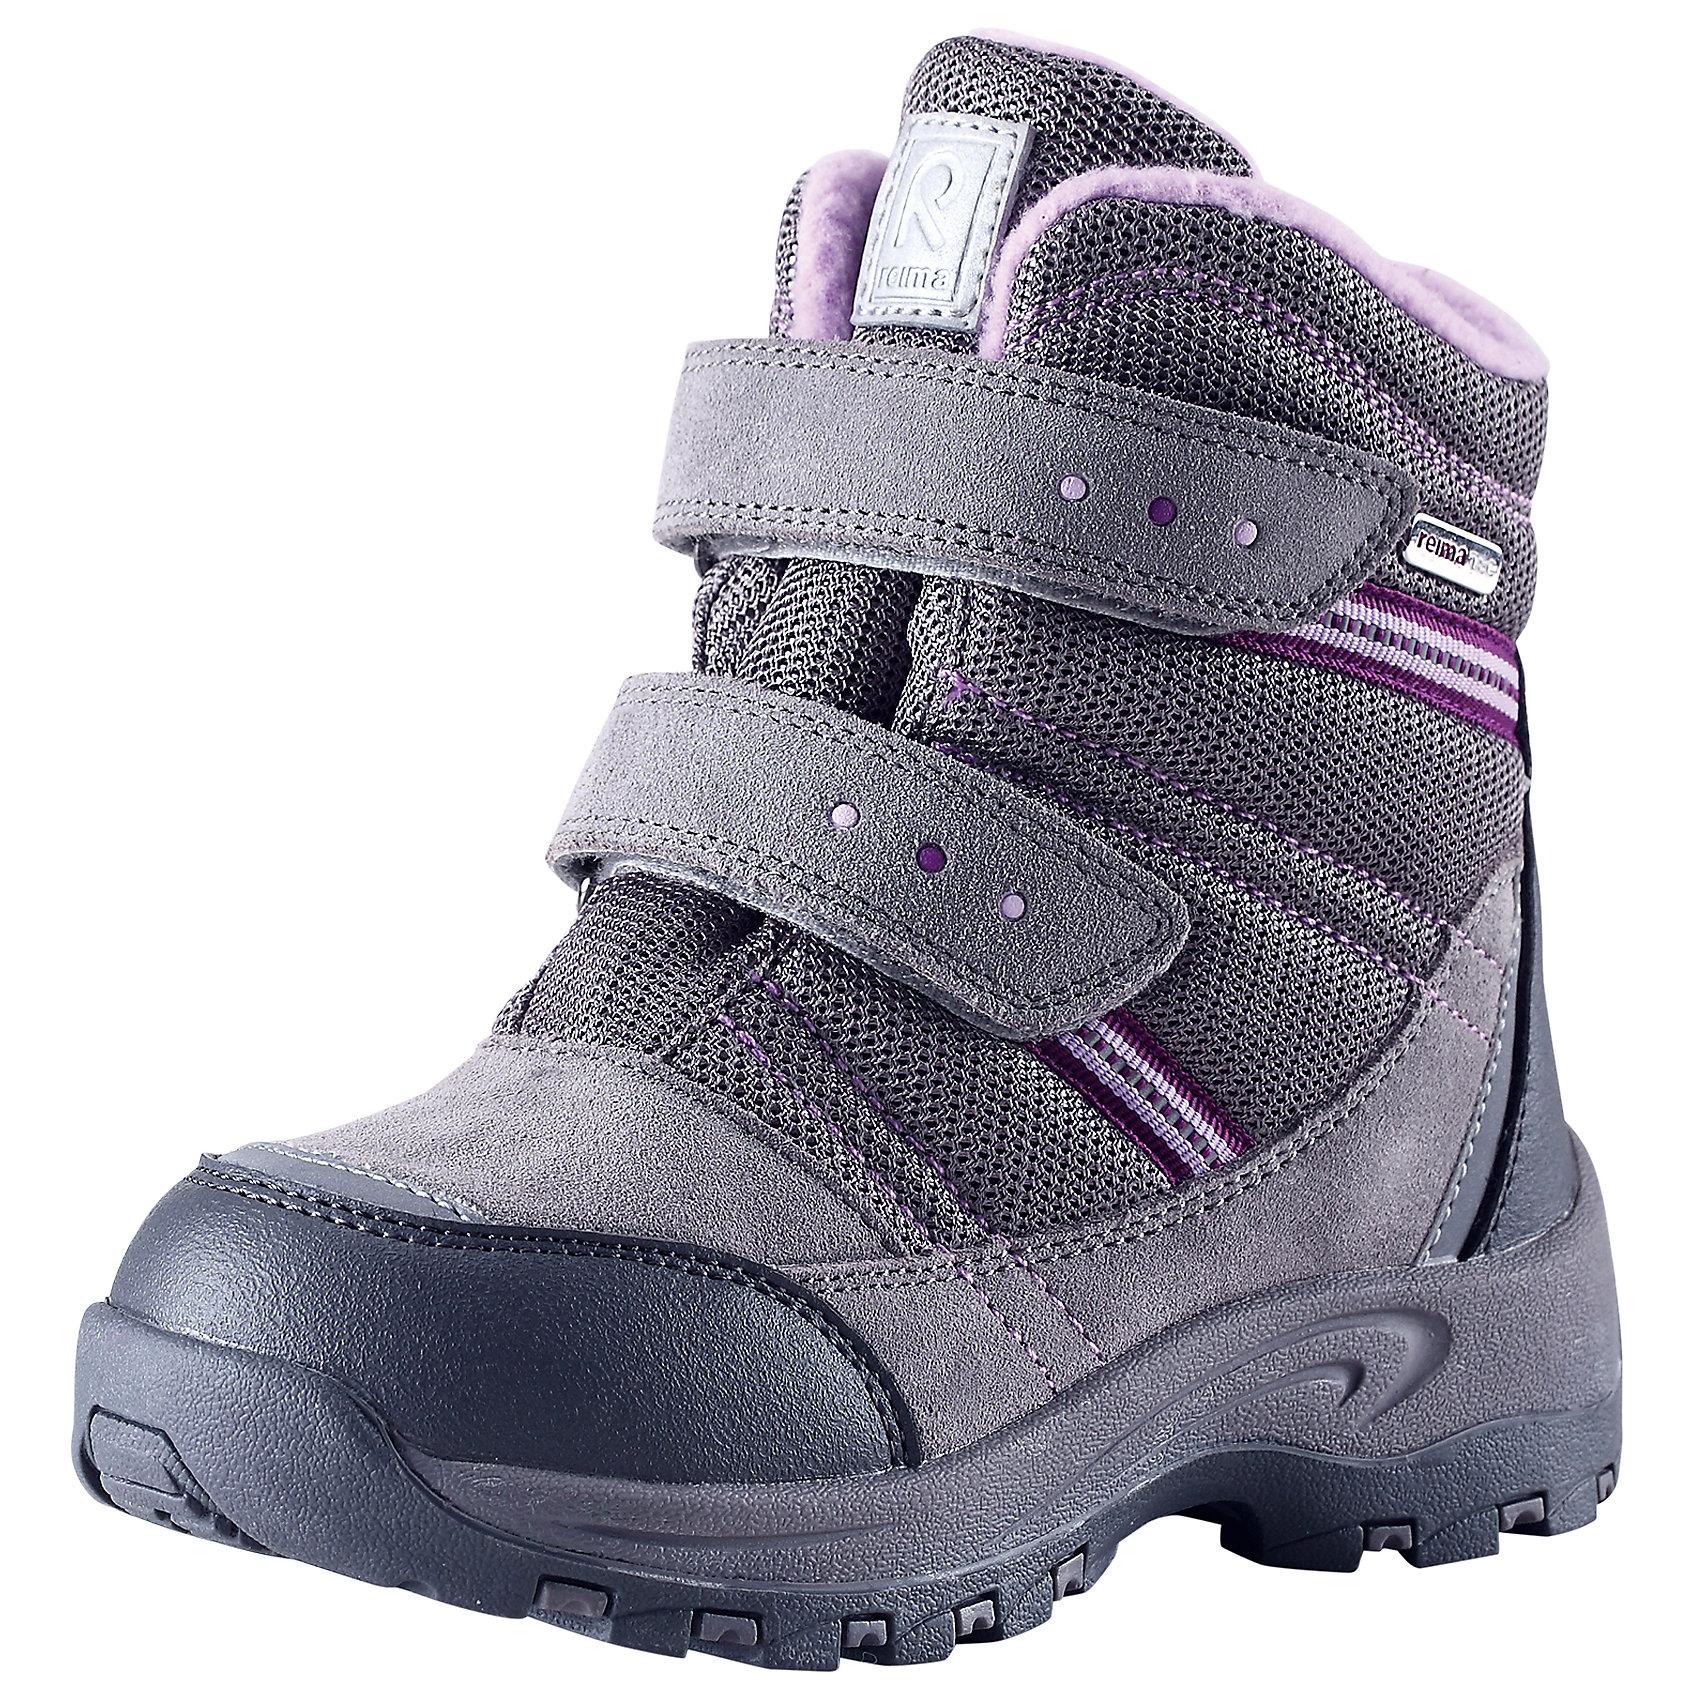 Ботинки Visby для девочки Reimatec® ReimaОбувь<br>Ботинки  Reimatec® Reima<br>Зимние сапоги для детей. Водонепроницаемая зимняя обувь. Верх из натуральной замши (из телячьей кожи), синтетического материала и текстиля. Эластичная и прочная резиновая подошва Reima® для максимальной устойчивости. Водонепроницаемая конструкция с герметичными вставками и подкладкой из искусственного меха. Подкладка из искусственного меха. Съемные стельки из войлока с рисунком Happy Fit, который помогает определить размер. Простая застежка на липучке, имеющая две точки крепления. Светоотражающие детали.<br>Уход:<br>Храните обувь в вертикальном положении при комнатной температуре. Сушить обувь всегда следует при комнатной температуре: вынув съемные стельки. Стельки следует время от времени заменять на новые. Налипшую грязь можно счищать щеткой или влажной тряпкой. Перед использованием обувь рекомендуется обрабатывать специальными защитными средствами.<br>Состав:<br>Подошва: 100% резина, Верх: 60% ПЭ, 20% ПУ, 20% Кожа<br><br>Ширина мм: 262<br>Глубина мм: 176<br>Высота мм: 97<br>Вес г: 427<br>Цвет: серый<br>Возраст от месяцев: 84<br>Возраст до месяцев: 96<br>Пол: Женский<br>Возраст: Детский<br>Размер: 31,35,32,27,29,28,24,30,26,34,33,25<br>SKU: 4776918